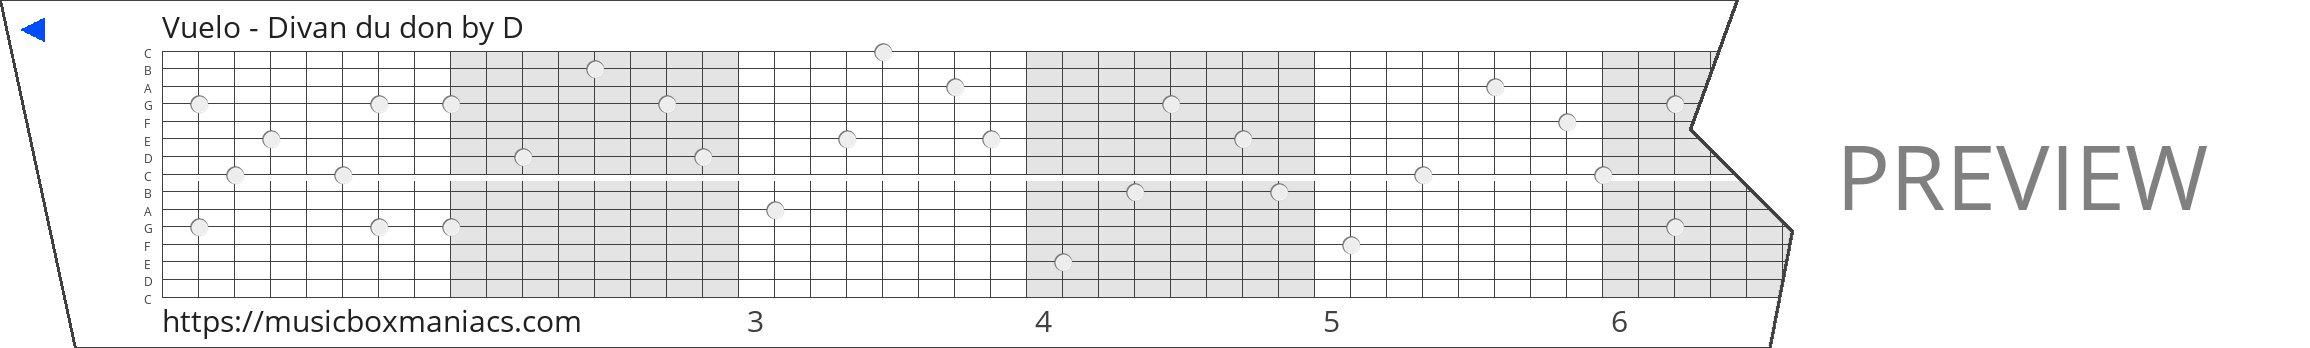 Vuelo - Divan du don 15 note music box paper strip